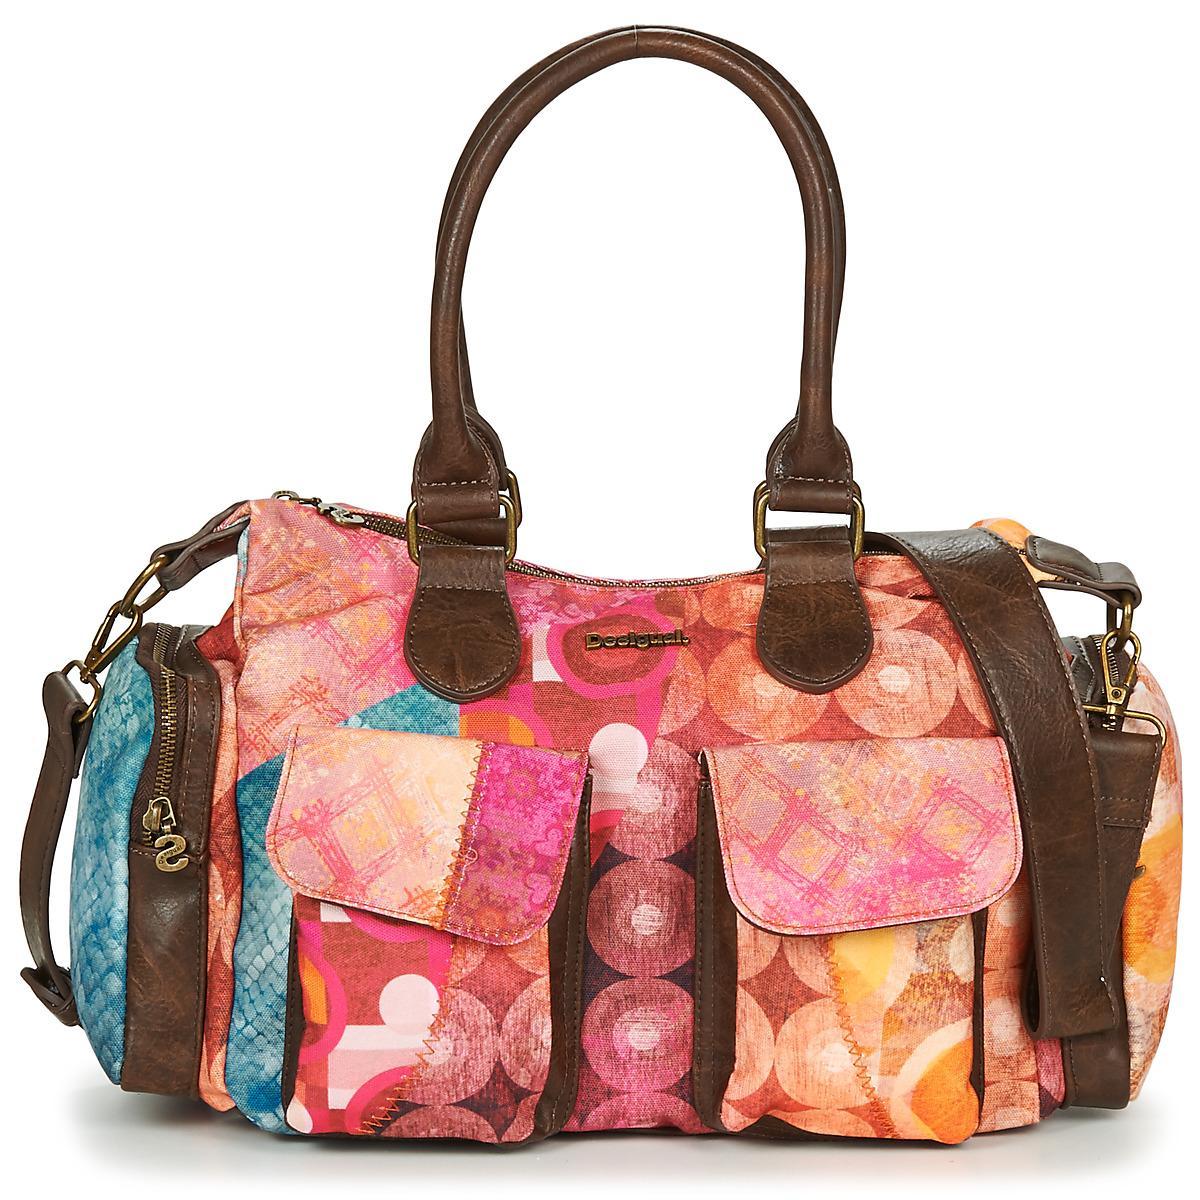 c3d3a05d932 Desigual Colorado London Medium Shoulder Bag - Lyst